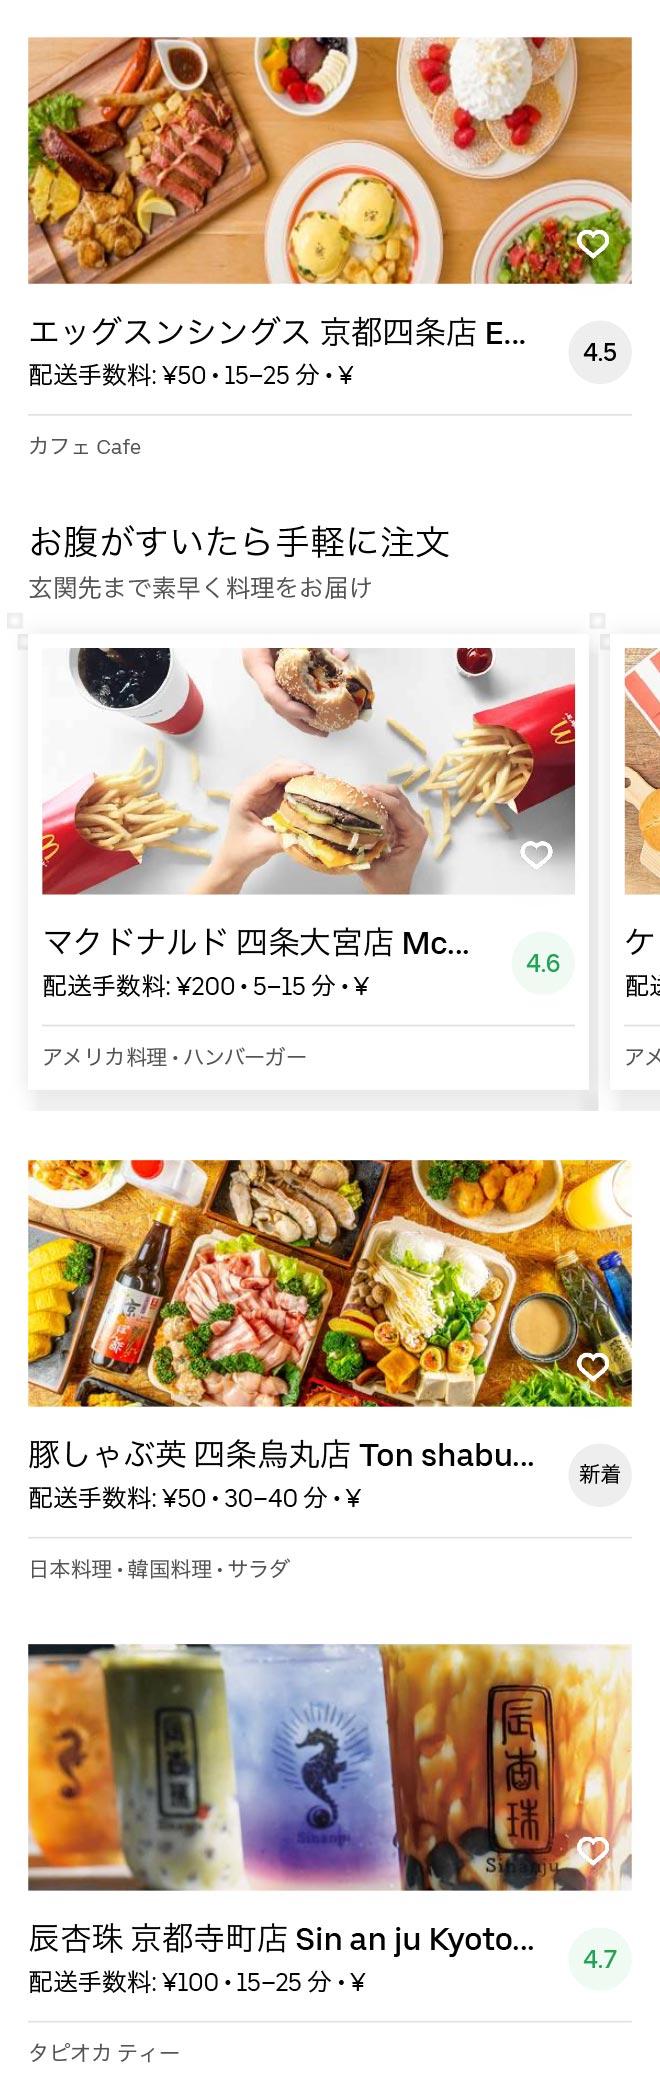 Kyoto karasuma menu 2005 02